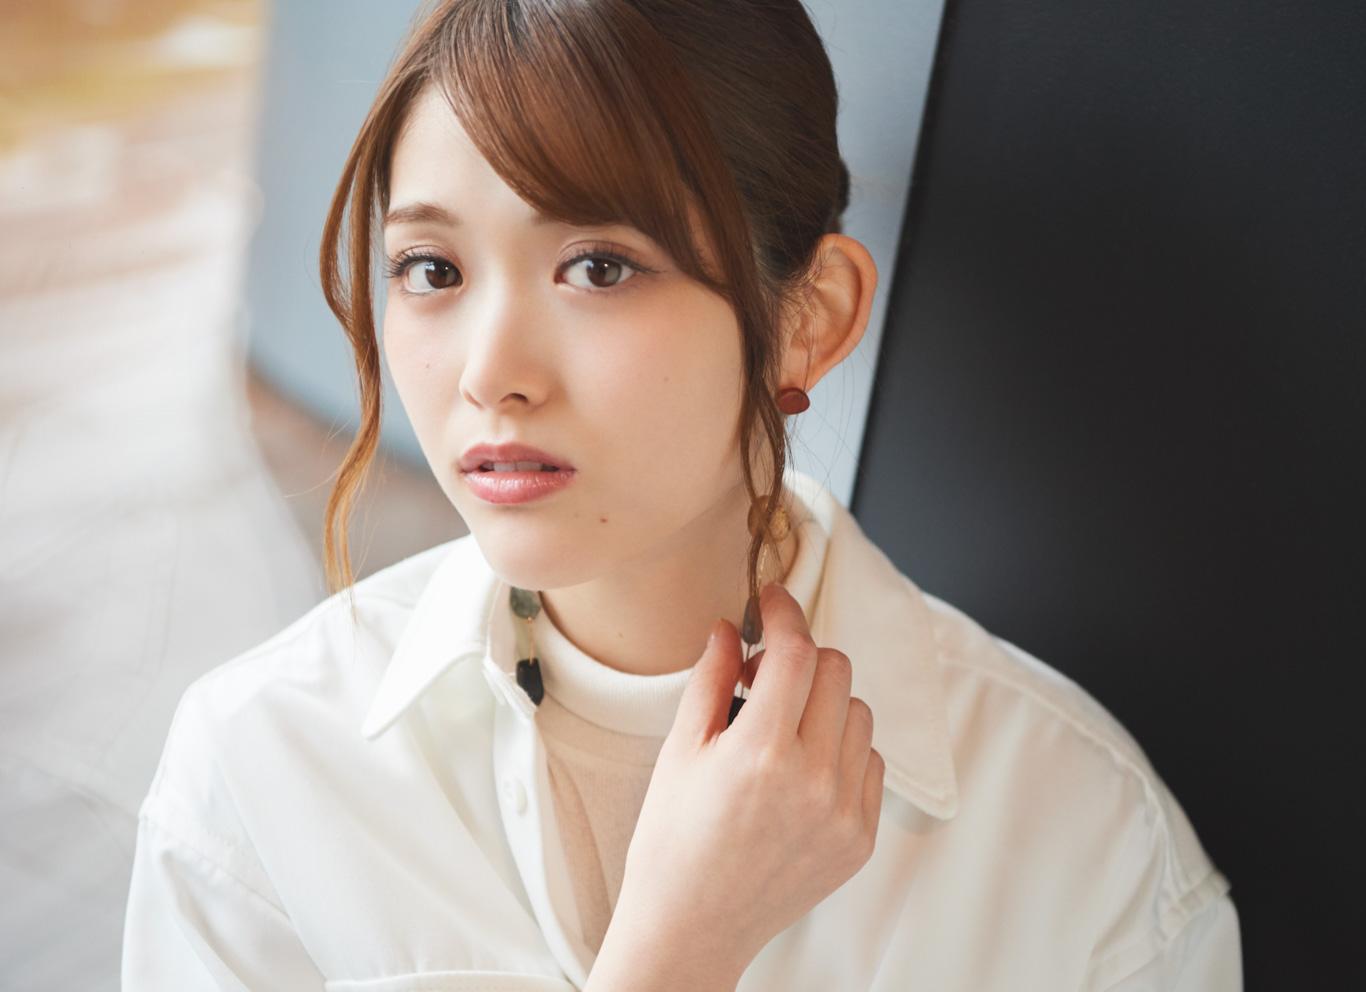 アイドルであることに負い目なんてない。乃木坂46・松村沙友理、女優としてのカタチ